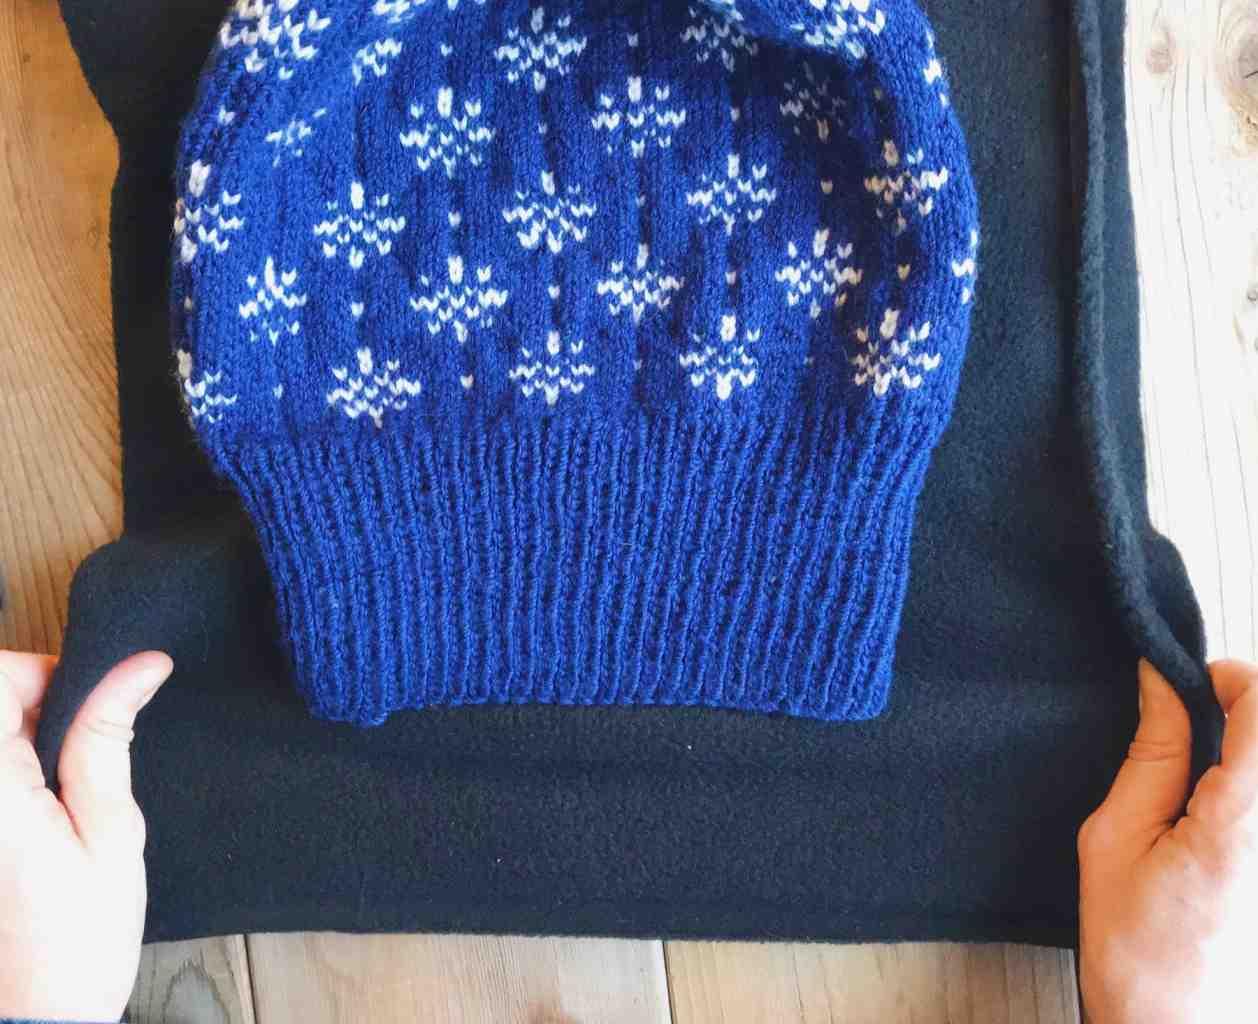 Comment faire une couture en tricot plat?